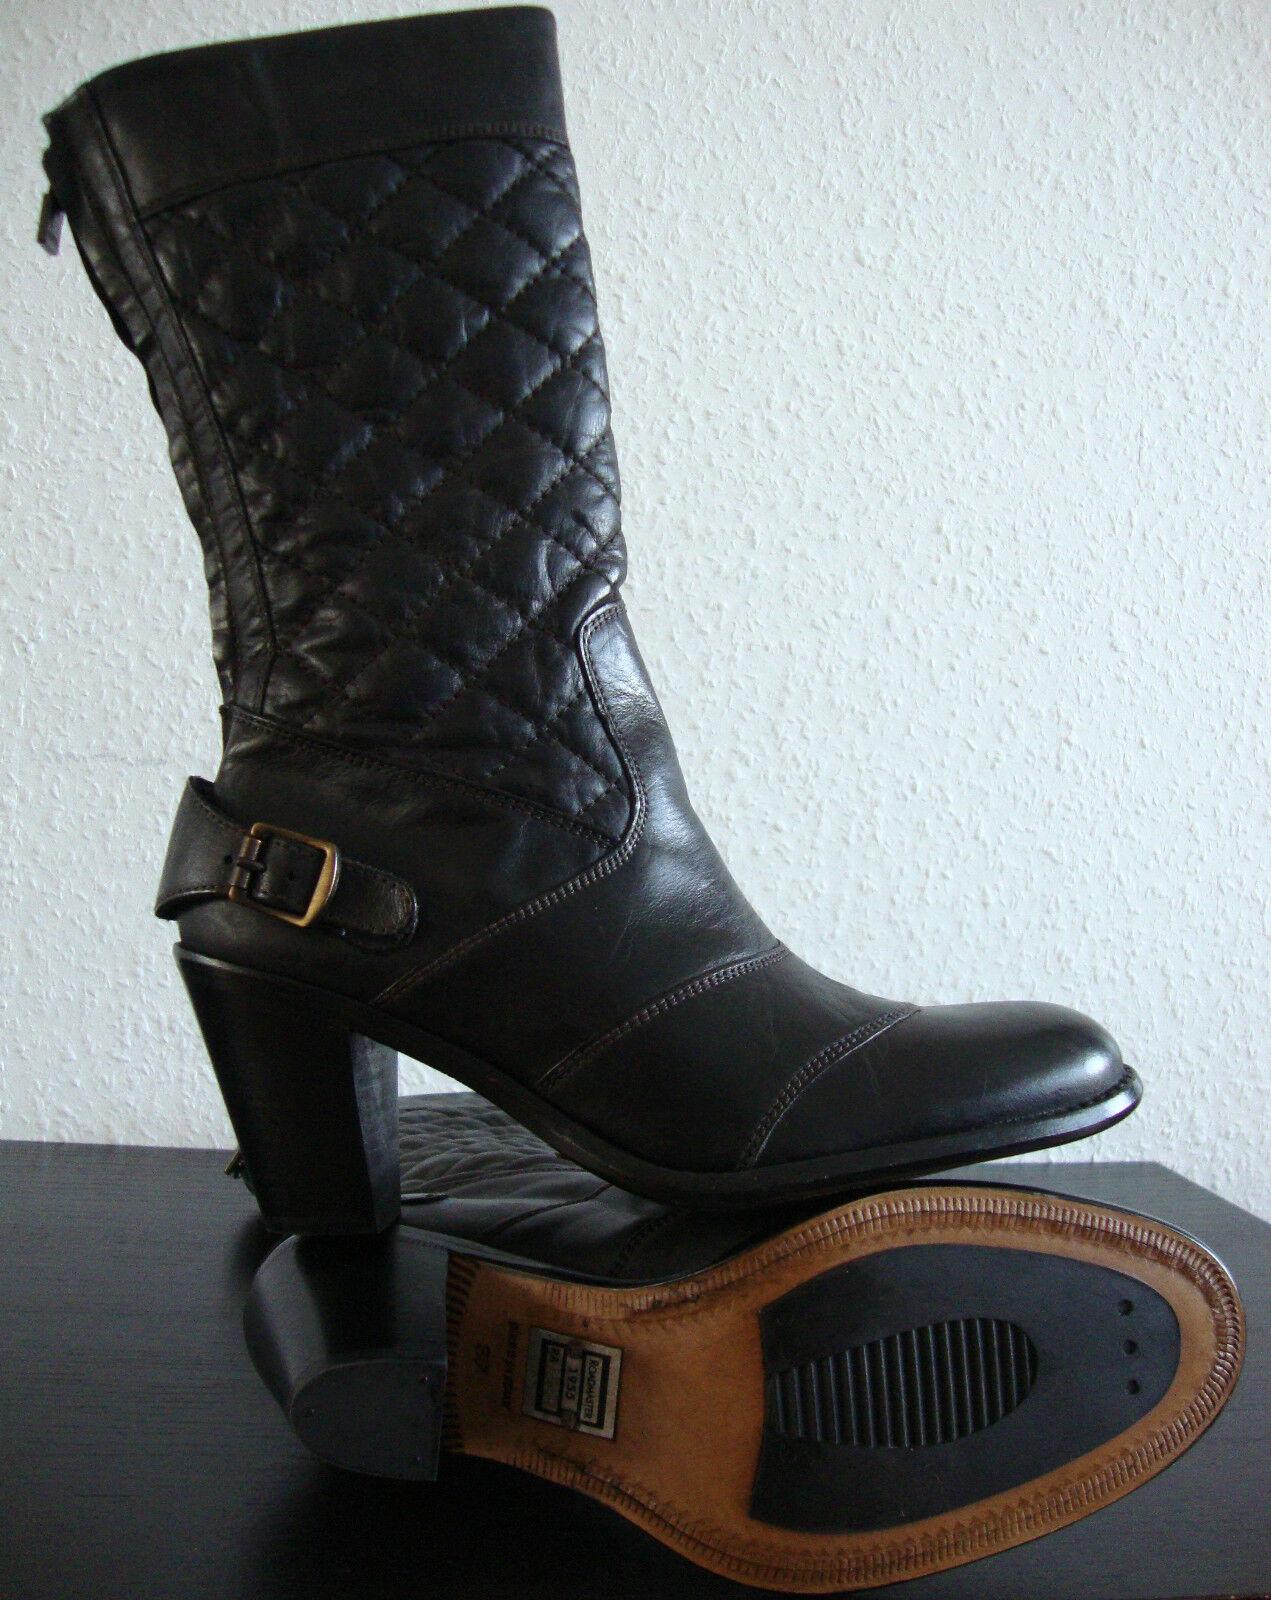 BELSTAFF ROADMASTER Stiefel 1955 H/H ANTIQUE BROWN Stiefel ROADMASTER Damen Leder Stiefel Gr.37 NEU 4143d5